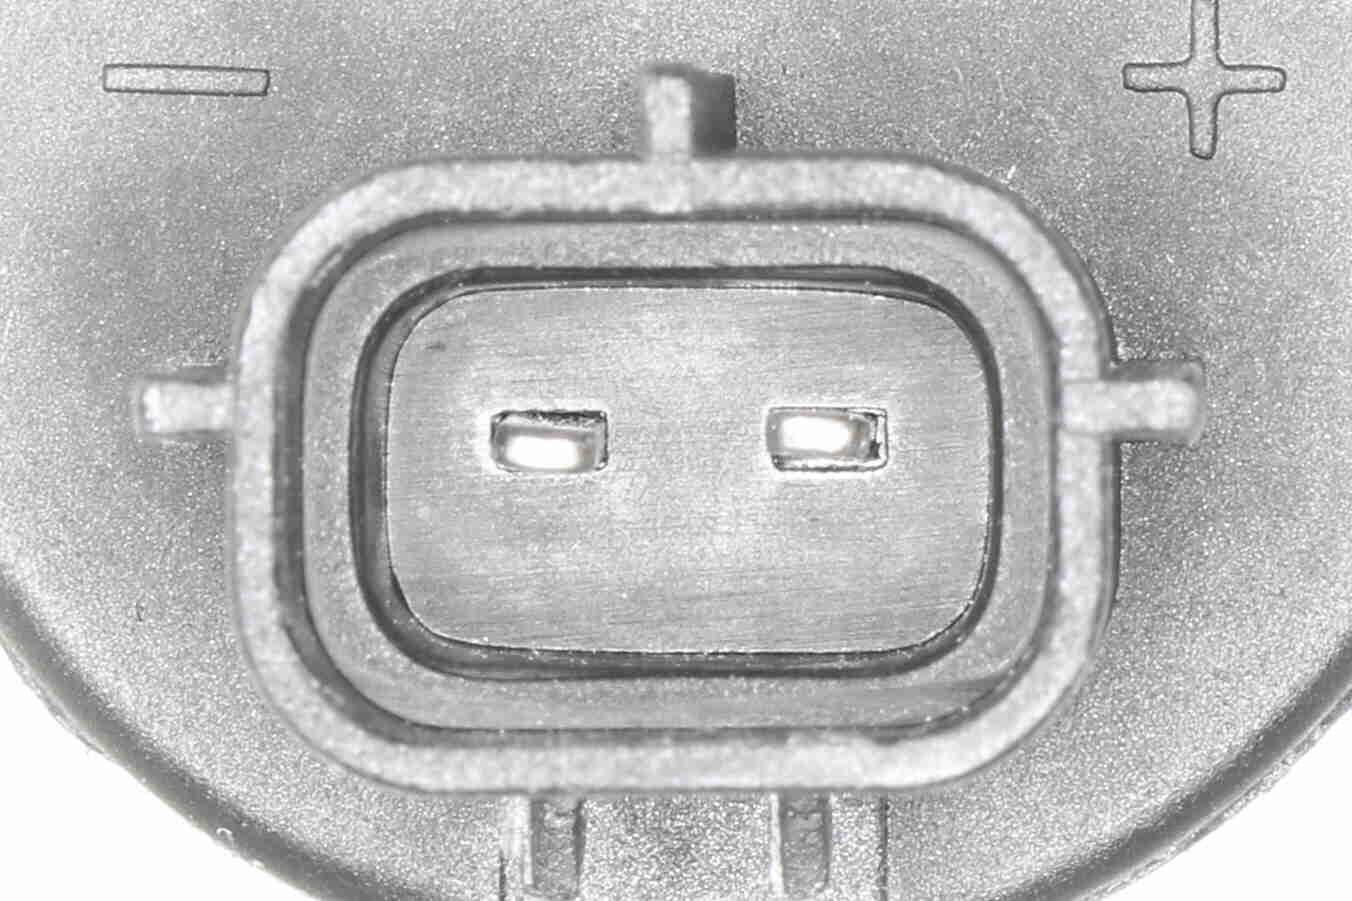 Bomba de agua de lavado, lavado de parabrisas ACKOJA A70-08-0004 evaluación